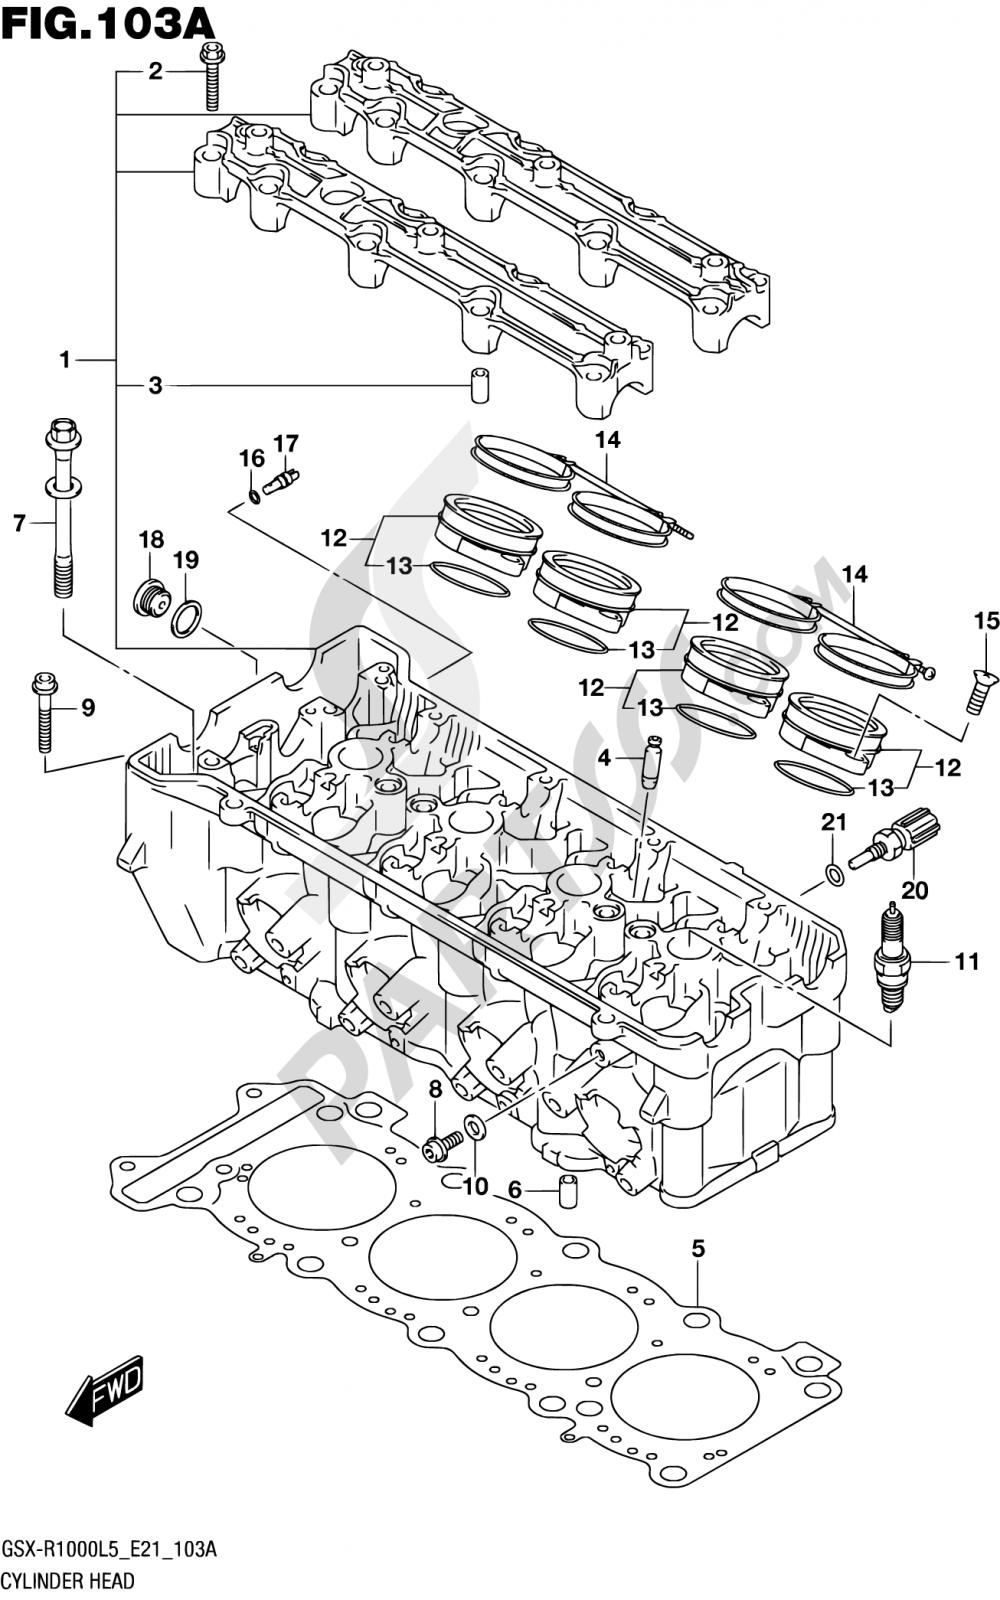 103A - CYLINDER HEAD Suzuki GSX-R1000 2015